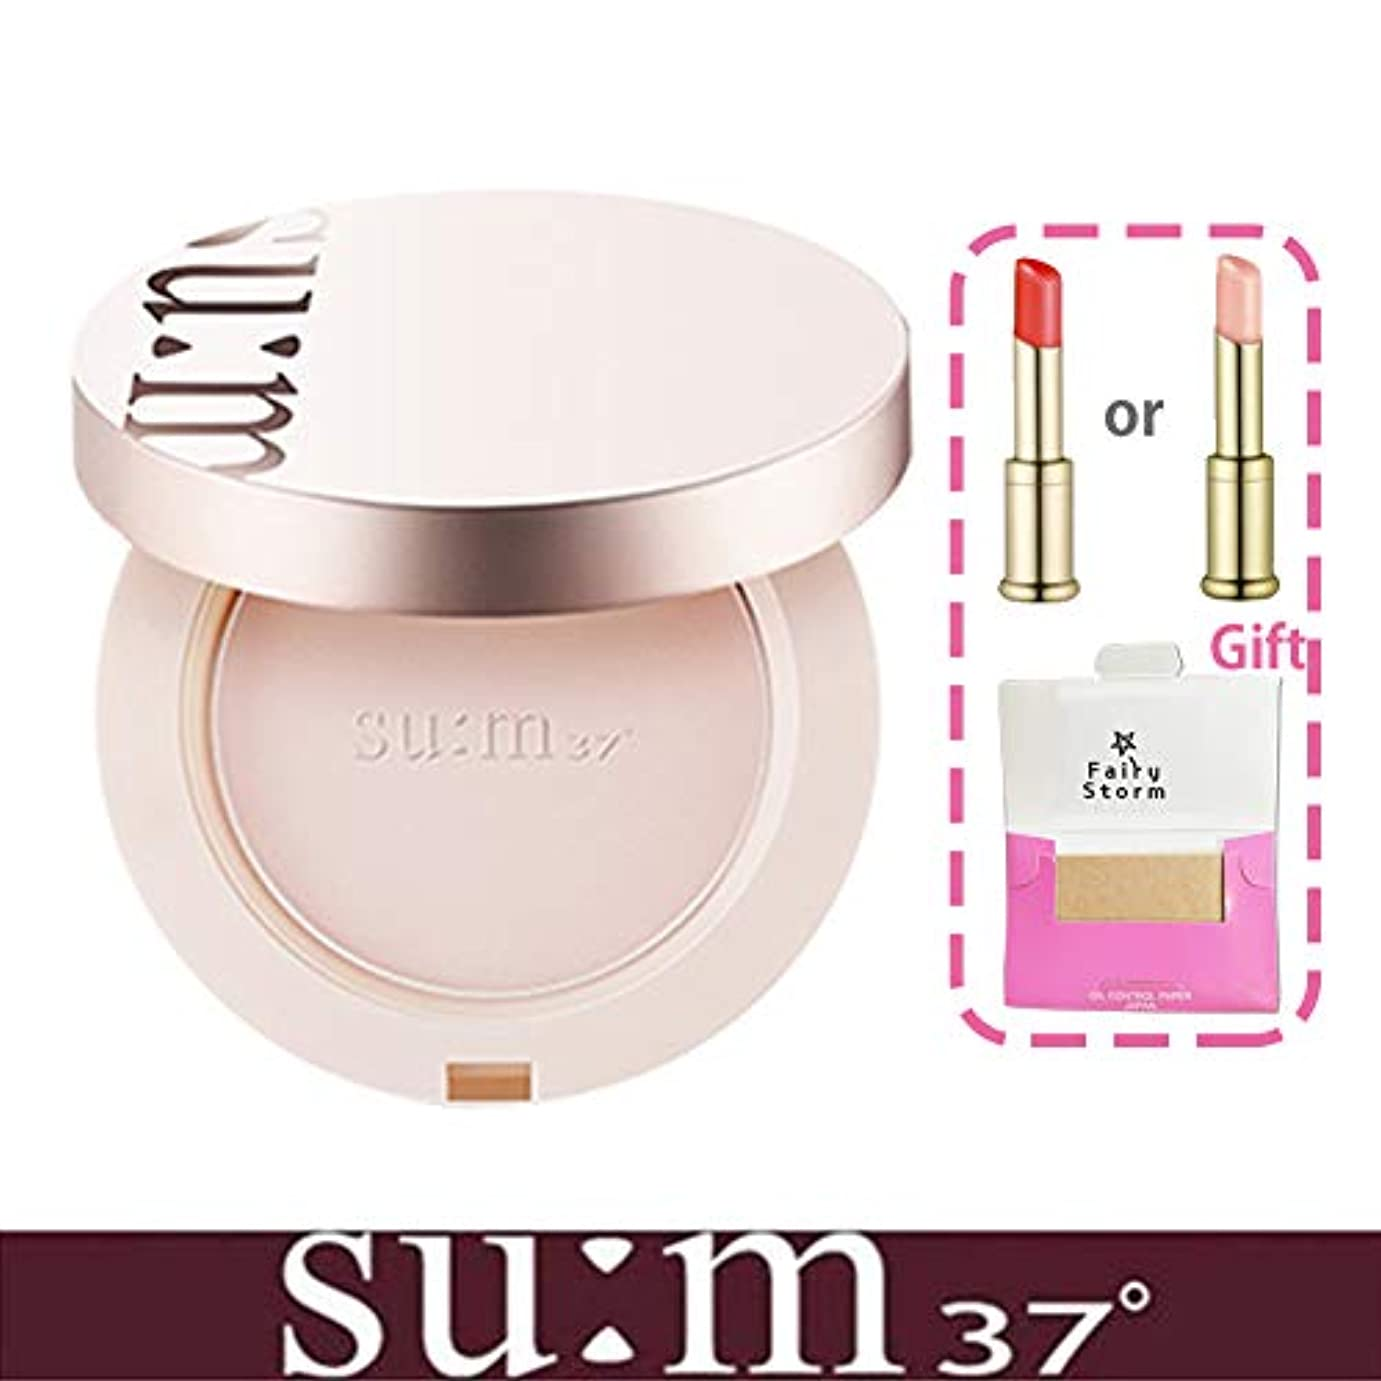 ヒョウ調和を除く[su:m37/スム37°] Sun-away Mild Tone-up Sun Pact SPF50+/PA++++/ライン - アウェイマイルドトンオプ線ファクト+[Sample Gift](海外直送品)